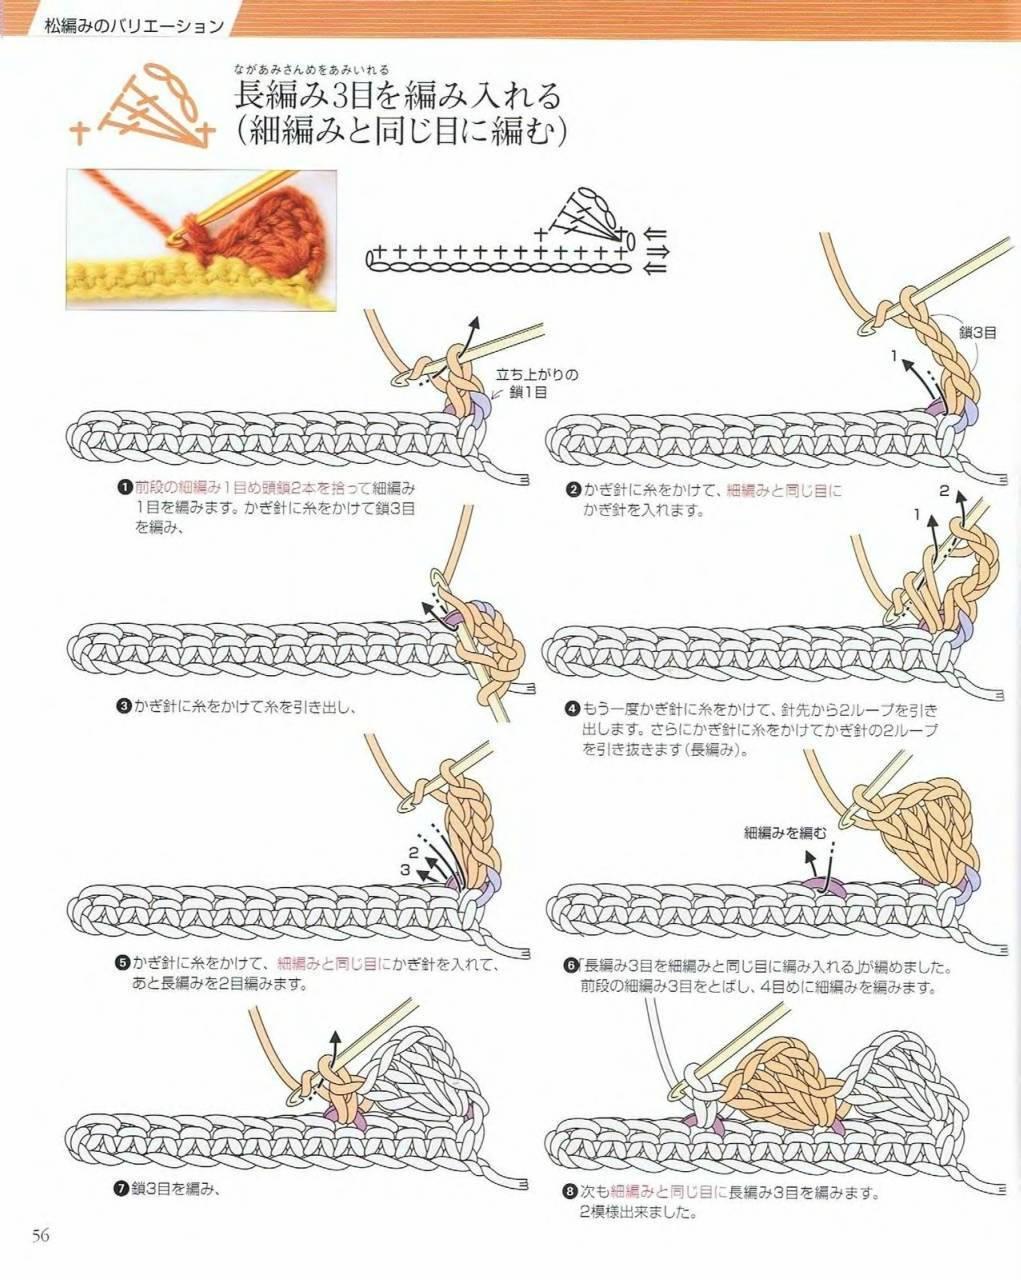 Основы вязания крючком 6 бесплатных уроков для начинающих |